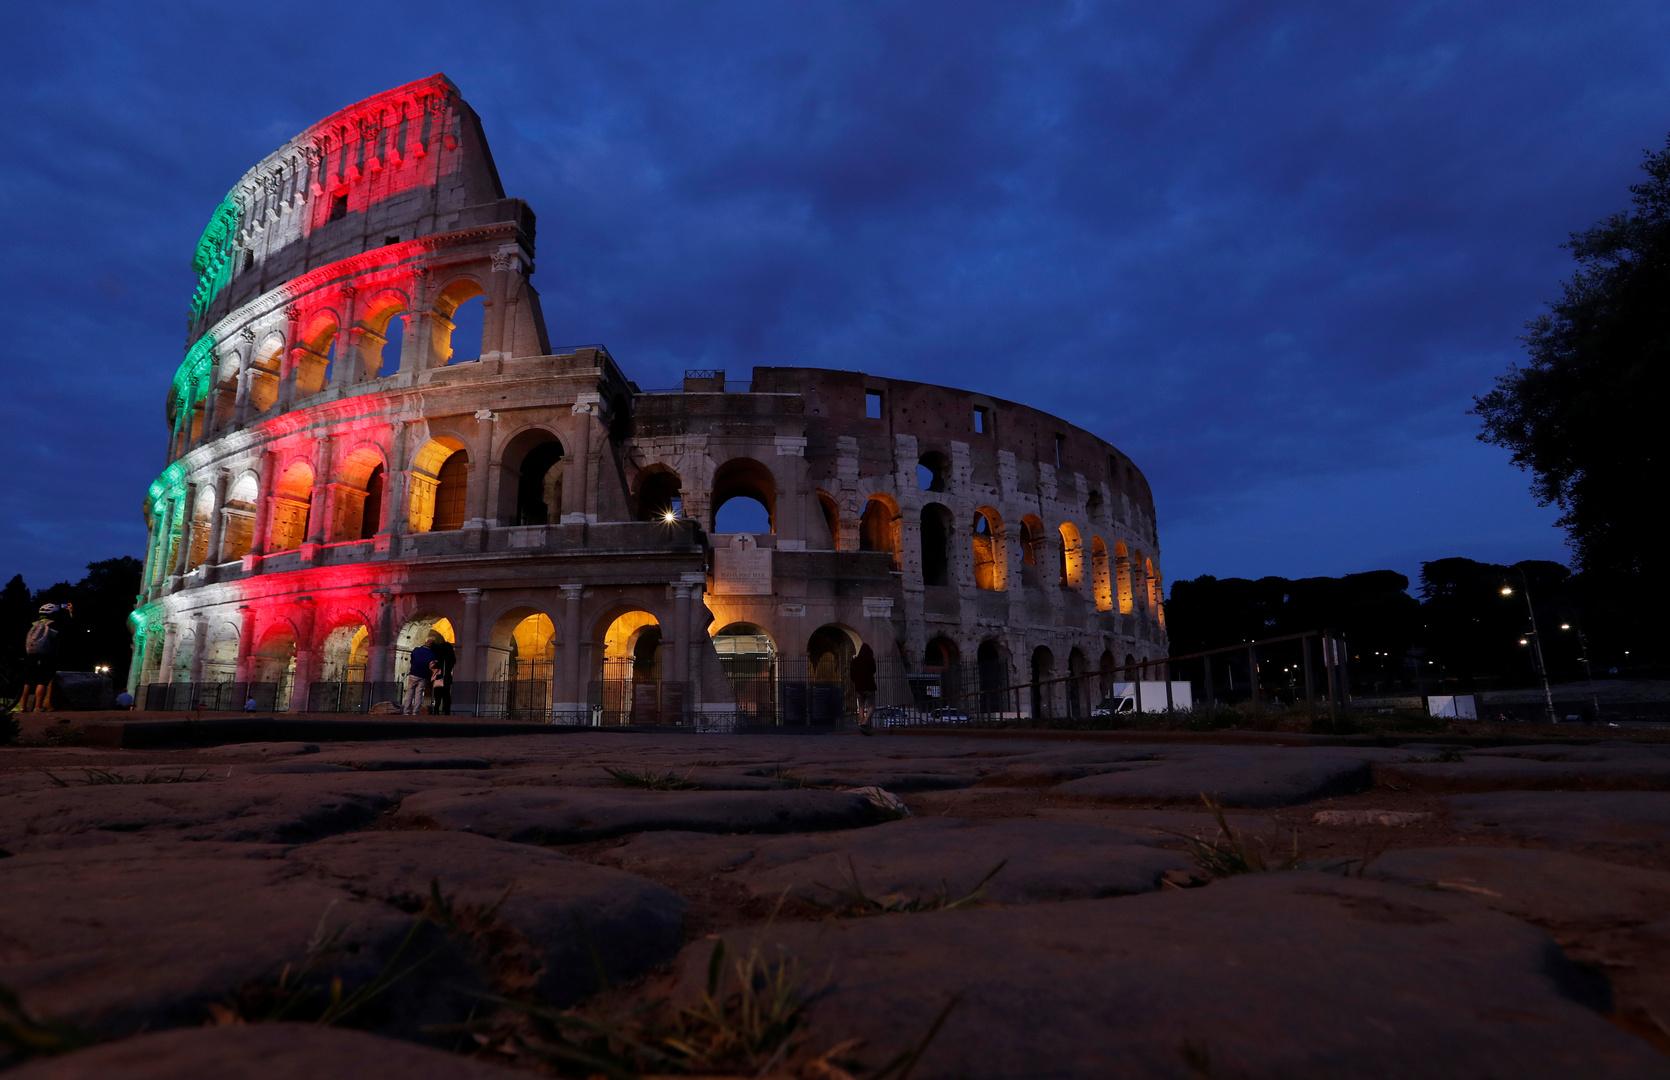 كولوسيوم روما المزين بألوان علم إيطاليا لإحياء ذكرى ضحايا جائحة فيروس كورونا (أرشيف).